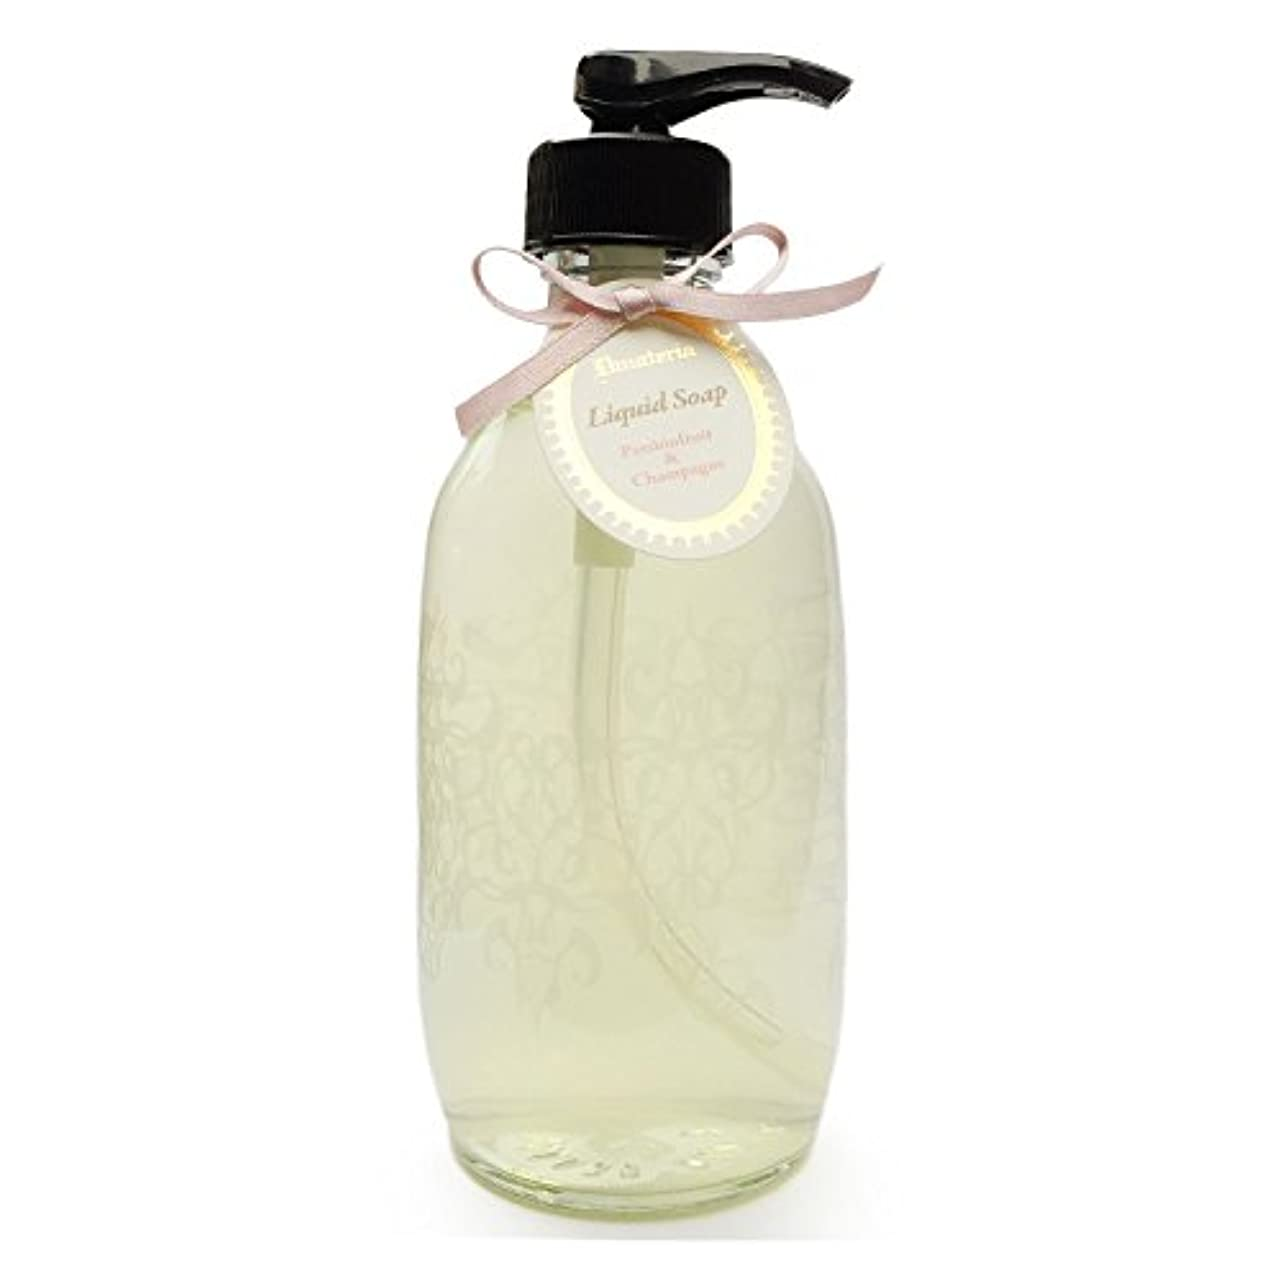 スタッフ八平らにするD materia リキッドソープ パッションフルーツ&シャンパン Passionfruit&Champagne Liquid Soap ディーマテリア